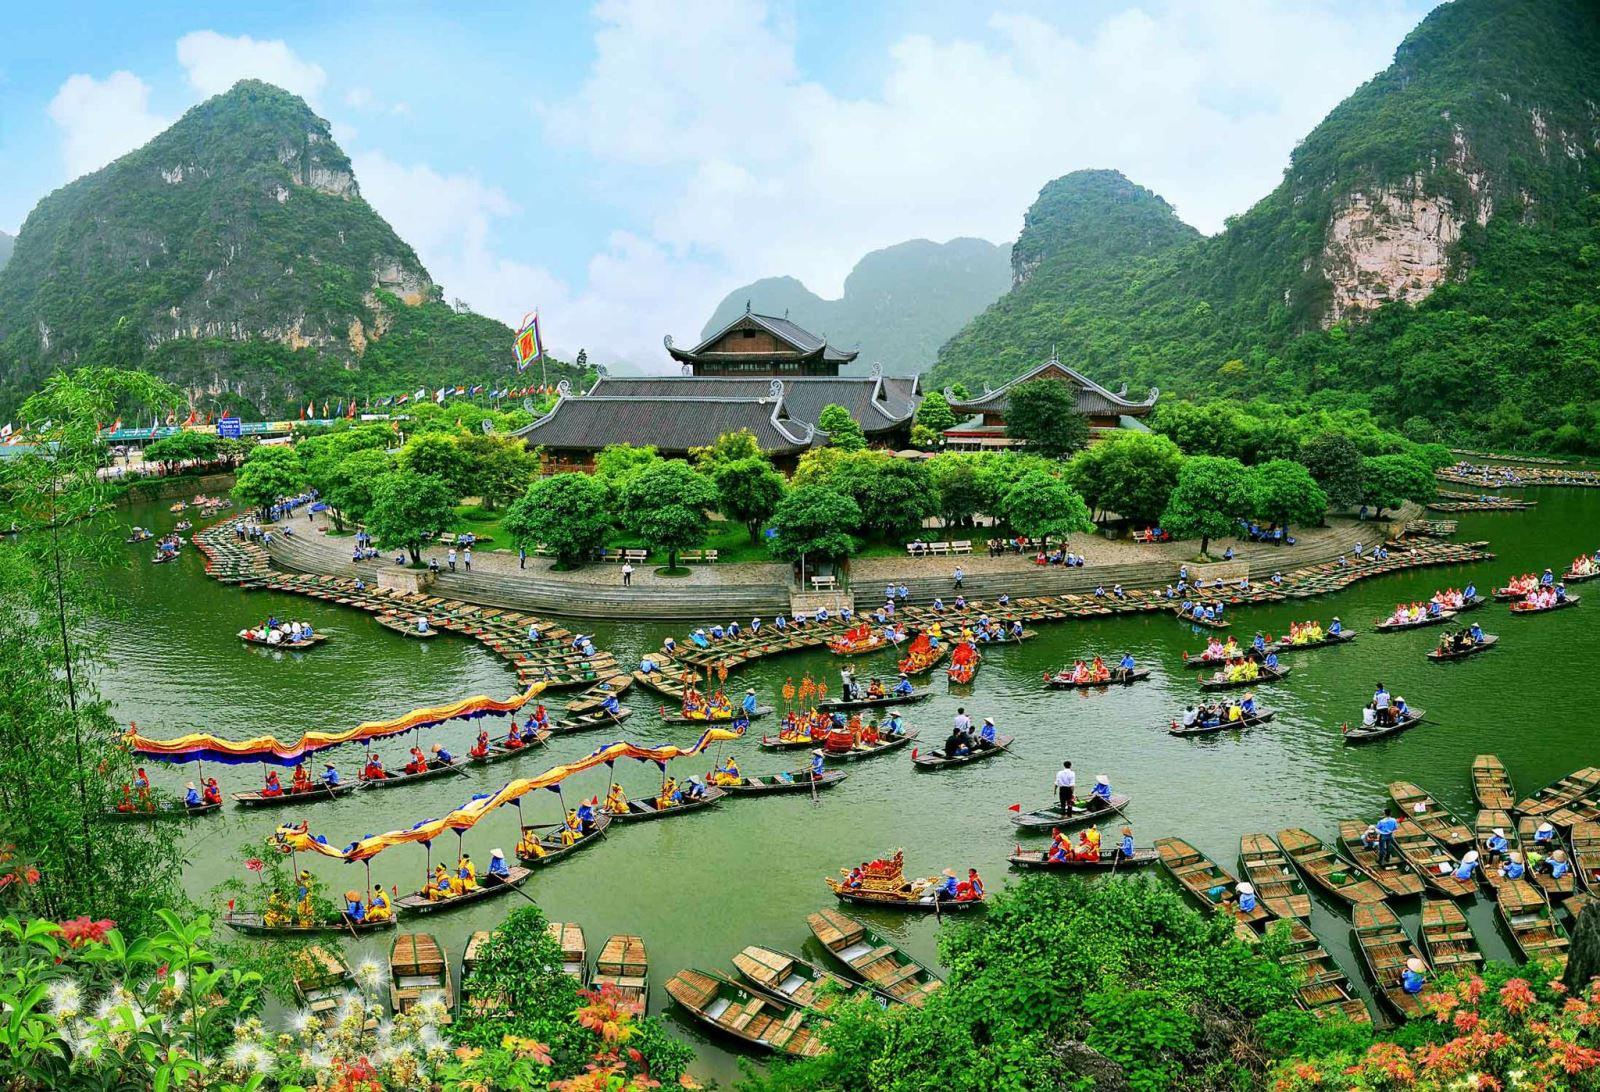 Bai Dinh -Trang An - Mua Cave 1 day